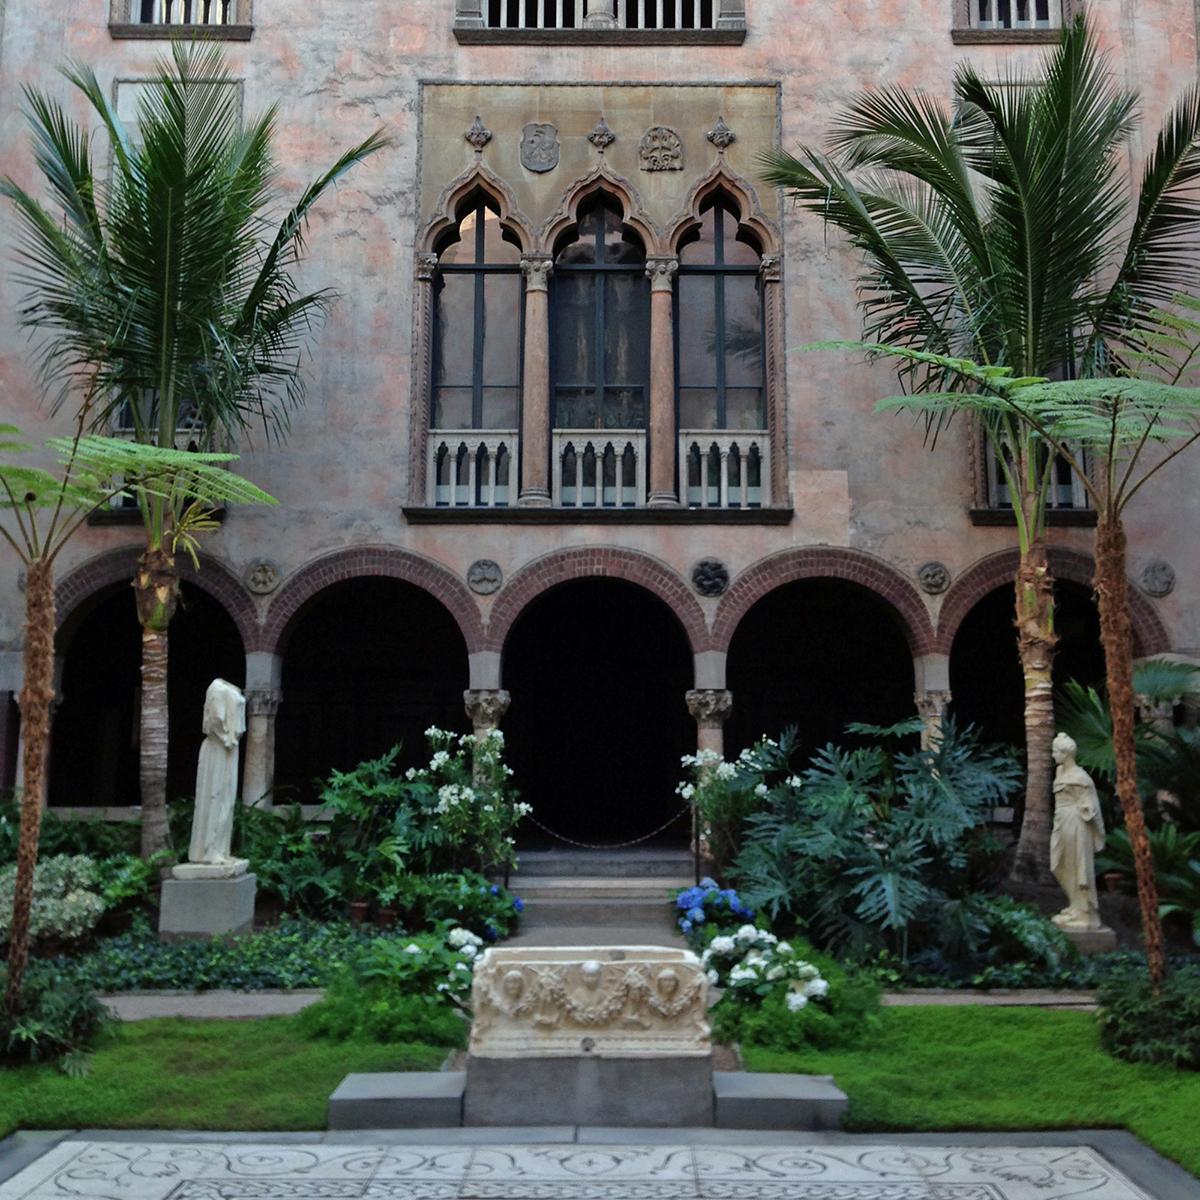 isabella stewart gardner museum courtyard